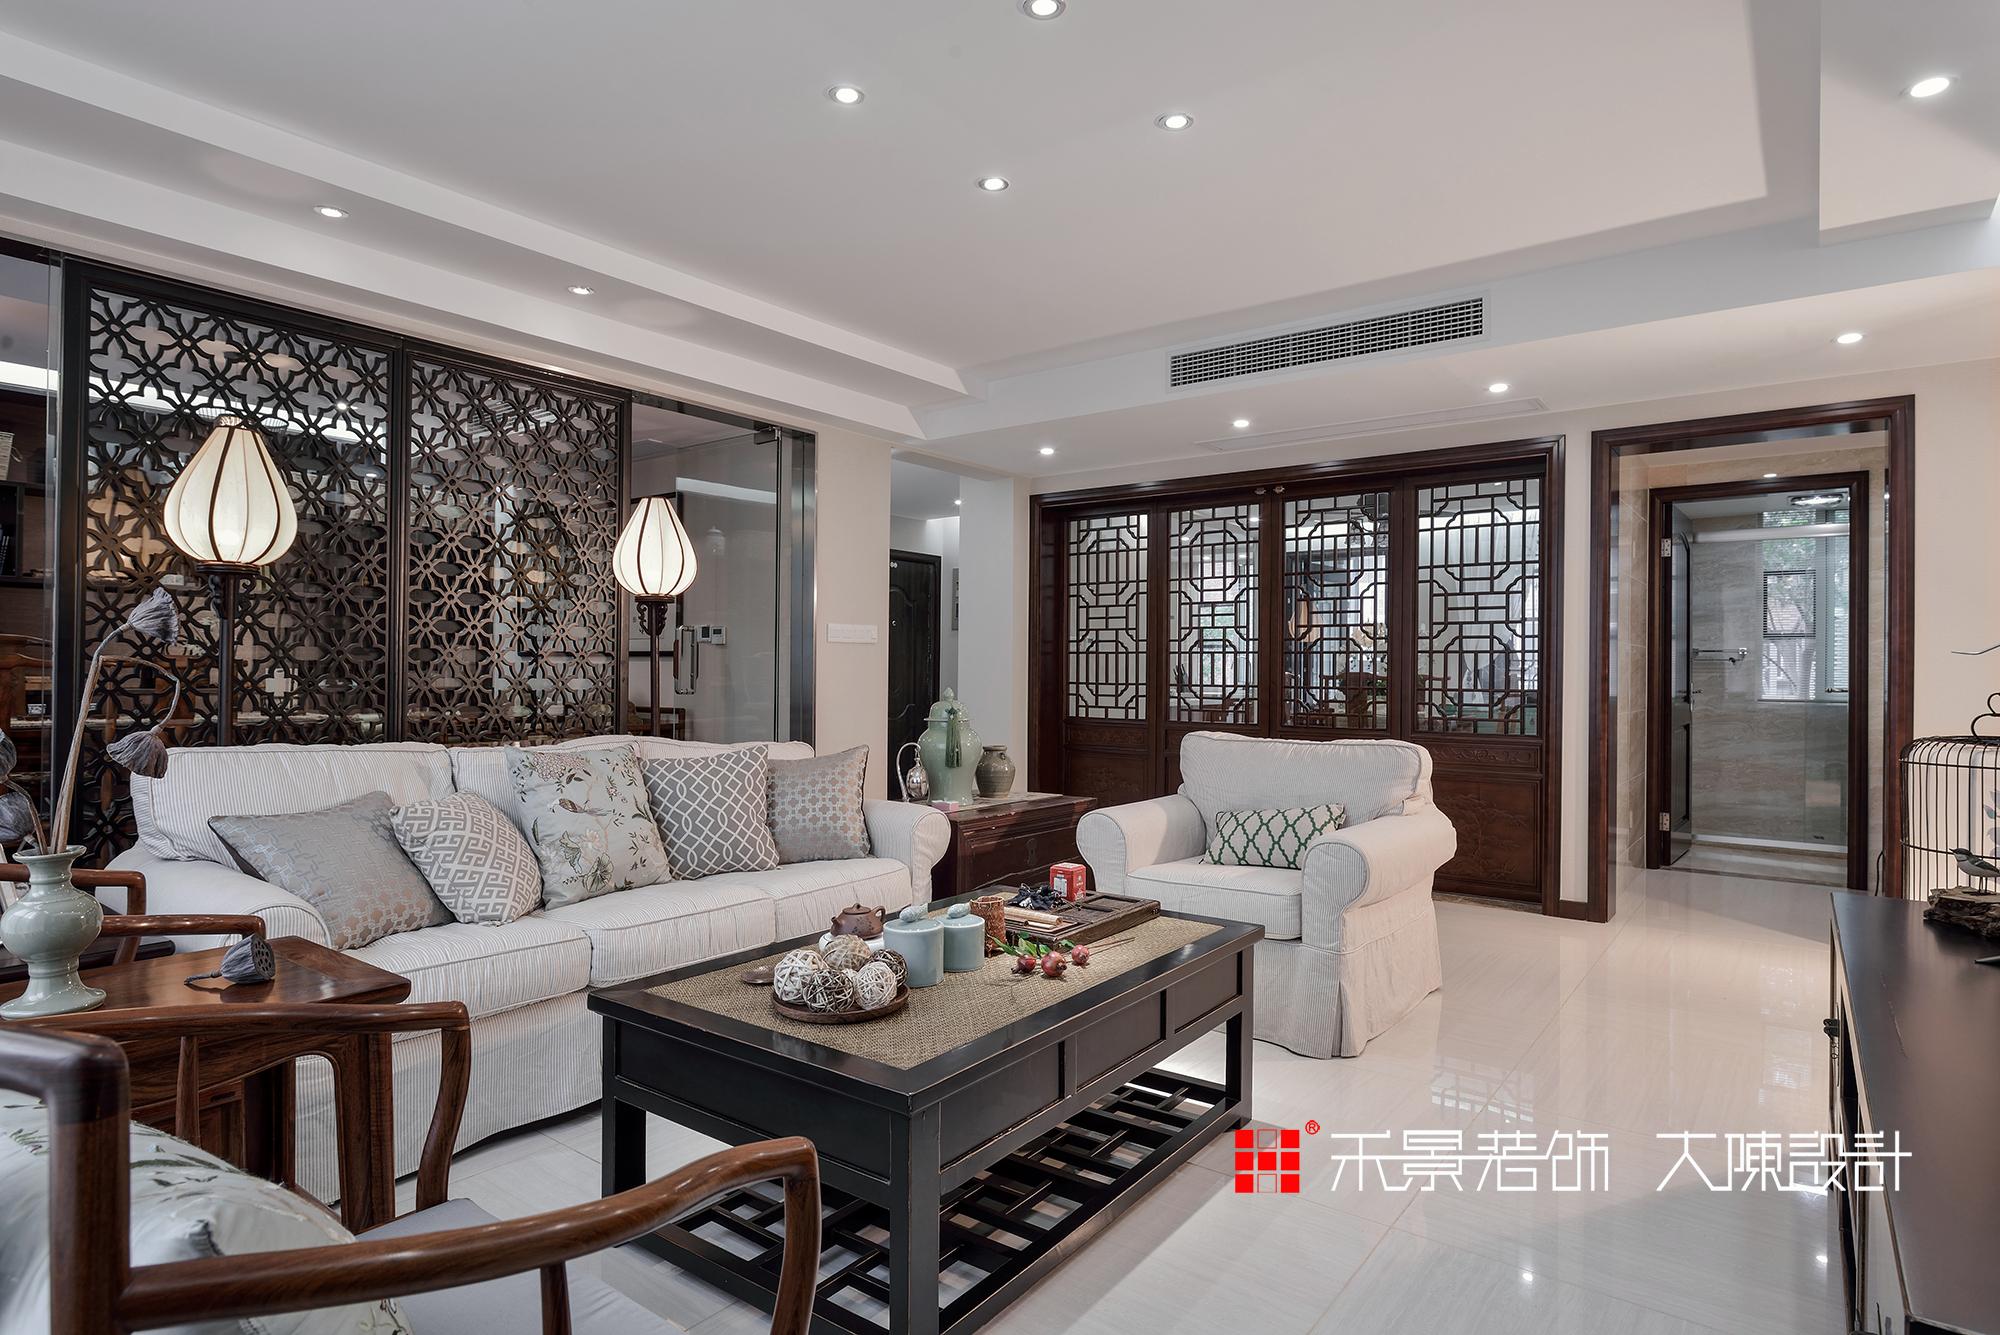 中式 客厅图片来自禾景大陈设计在空谷幽兰亦芬芳的分享